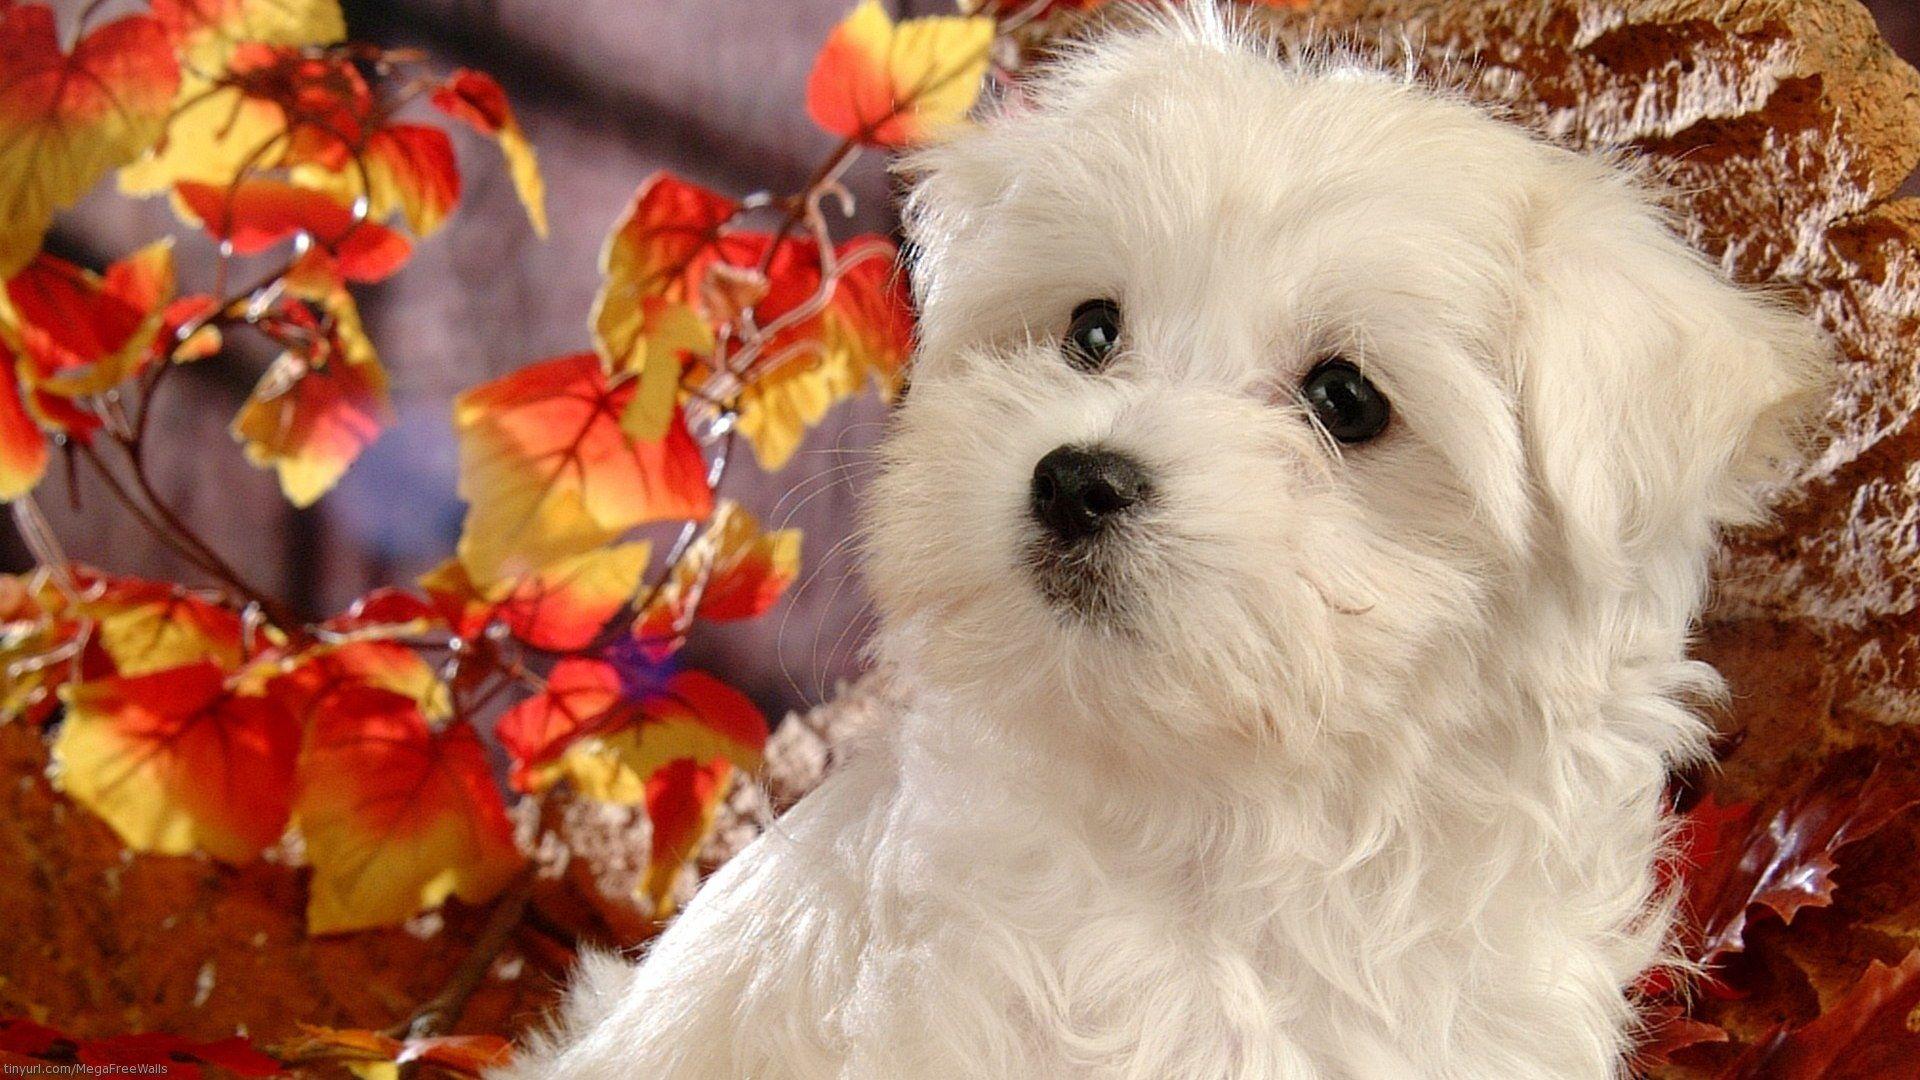 animaux chien chiot mignon animaux fond d 39 cran chiot pinterest chiots mignons. Black Bedroom Furniture Sets. Home Design Ideas